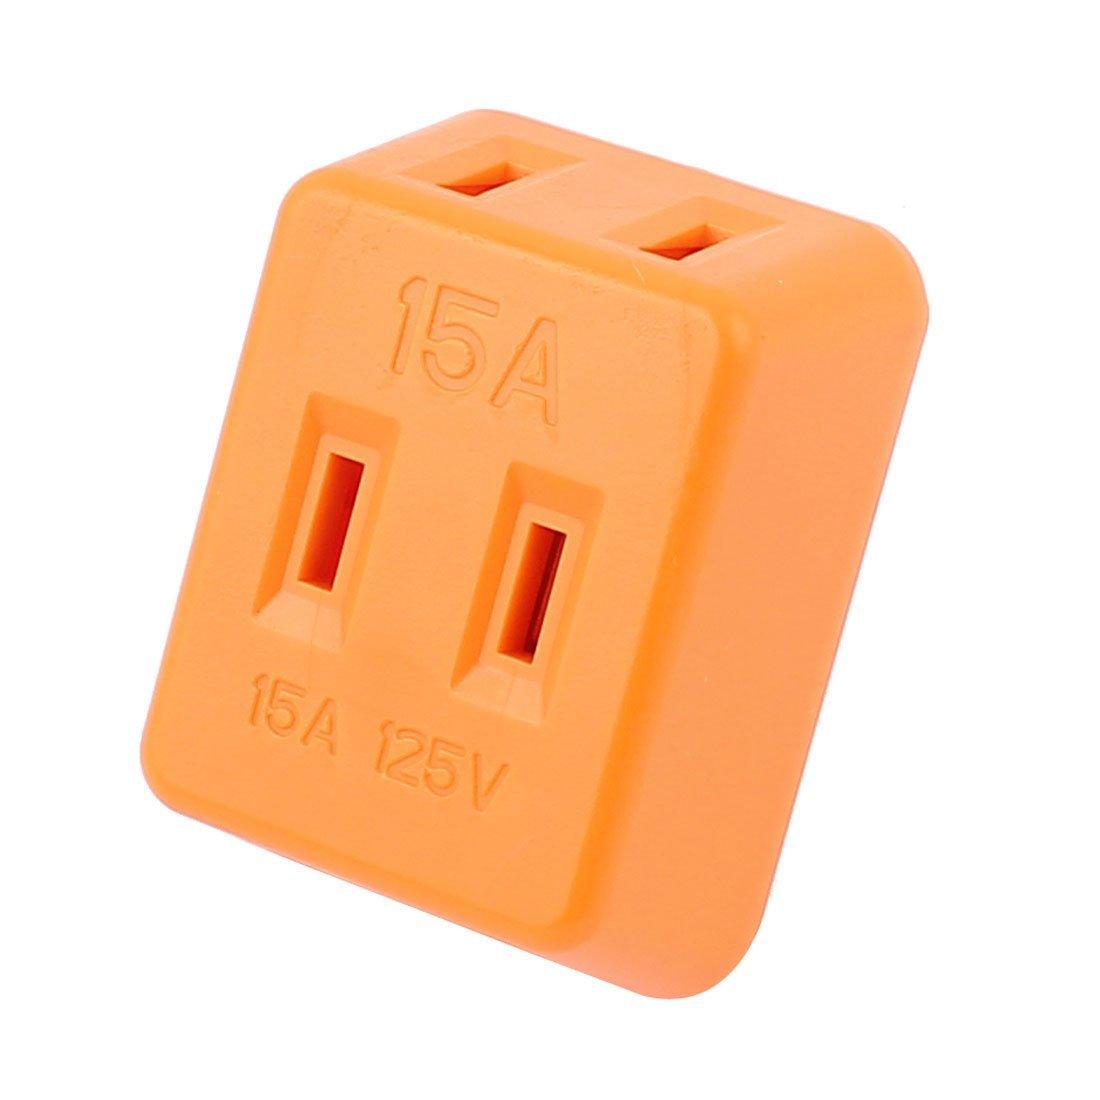 Amazon.com: AC 125V 15A enchufe de EE.UU. 1 a 3 maneras cargador de la energía del zócalo del adaptador Orange: Electronics